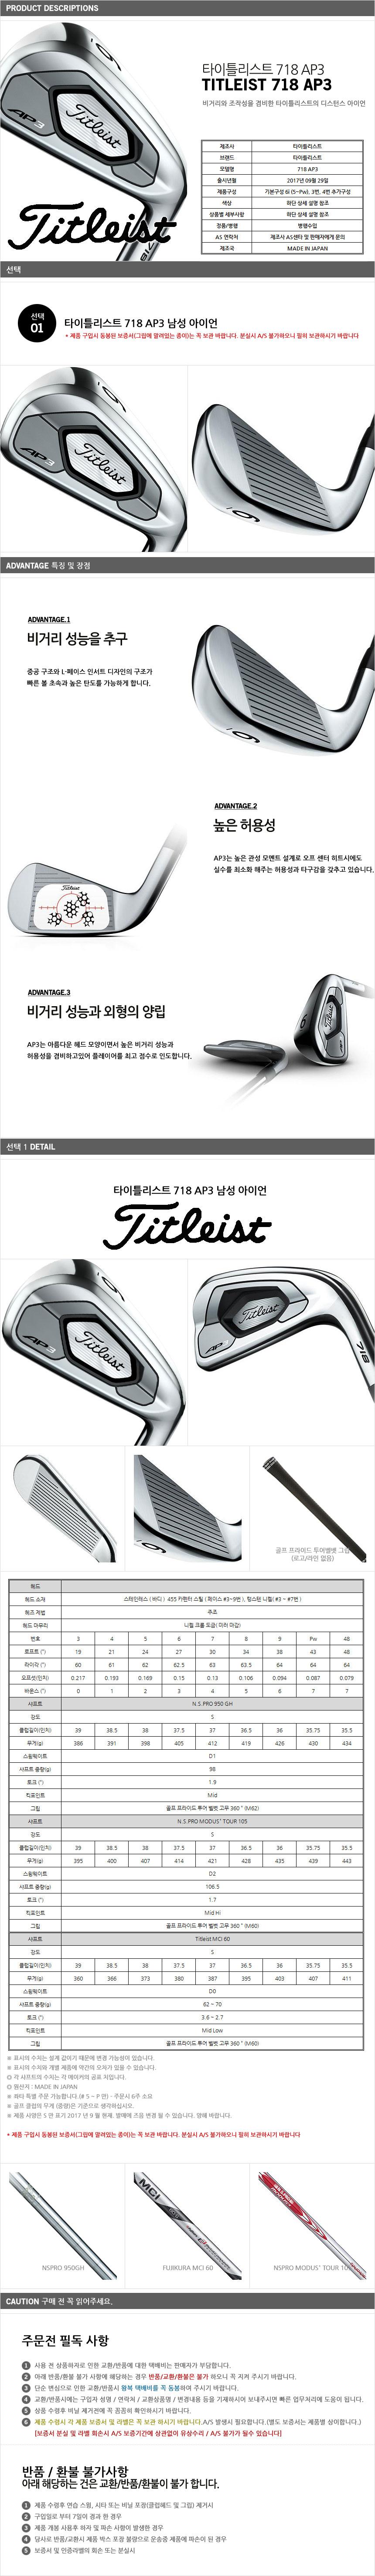 골프쇼핑은 골핑에서 | [일본] 타이틀리스트 718 AP3 스틸(NS